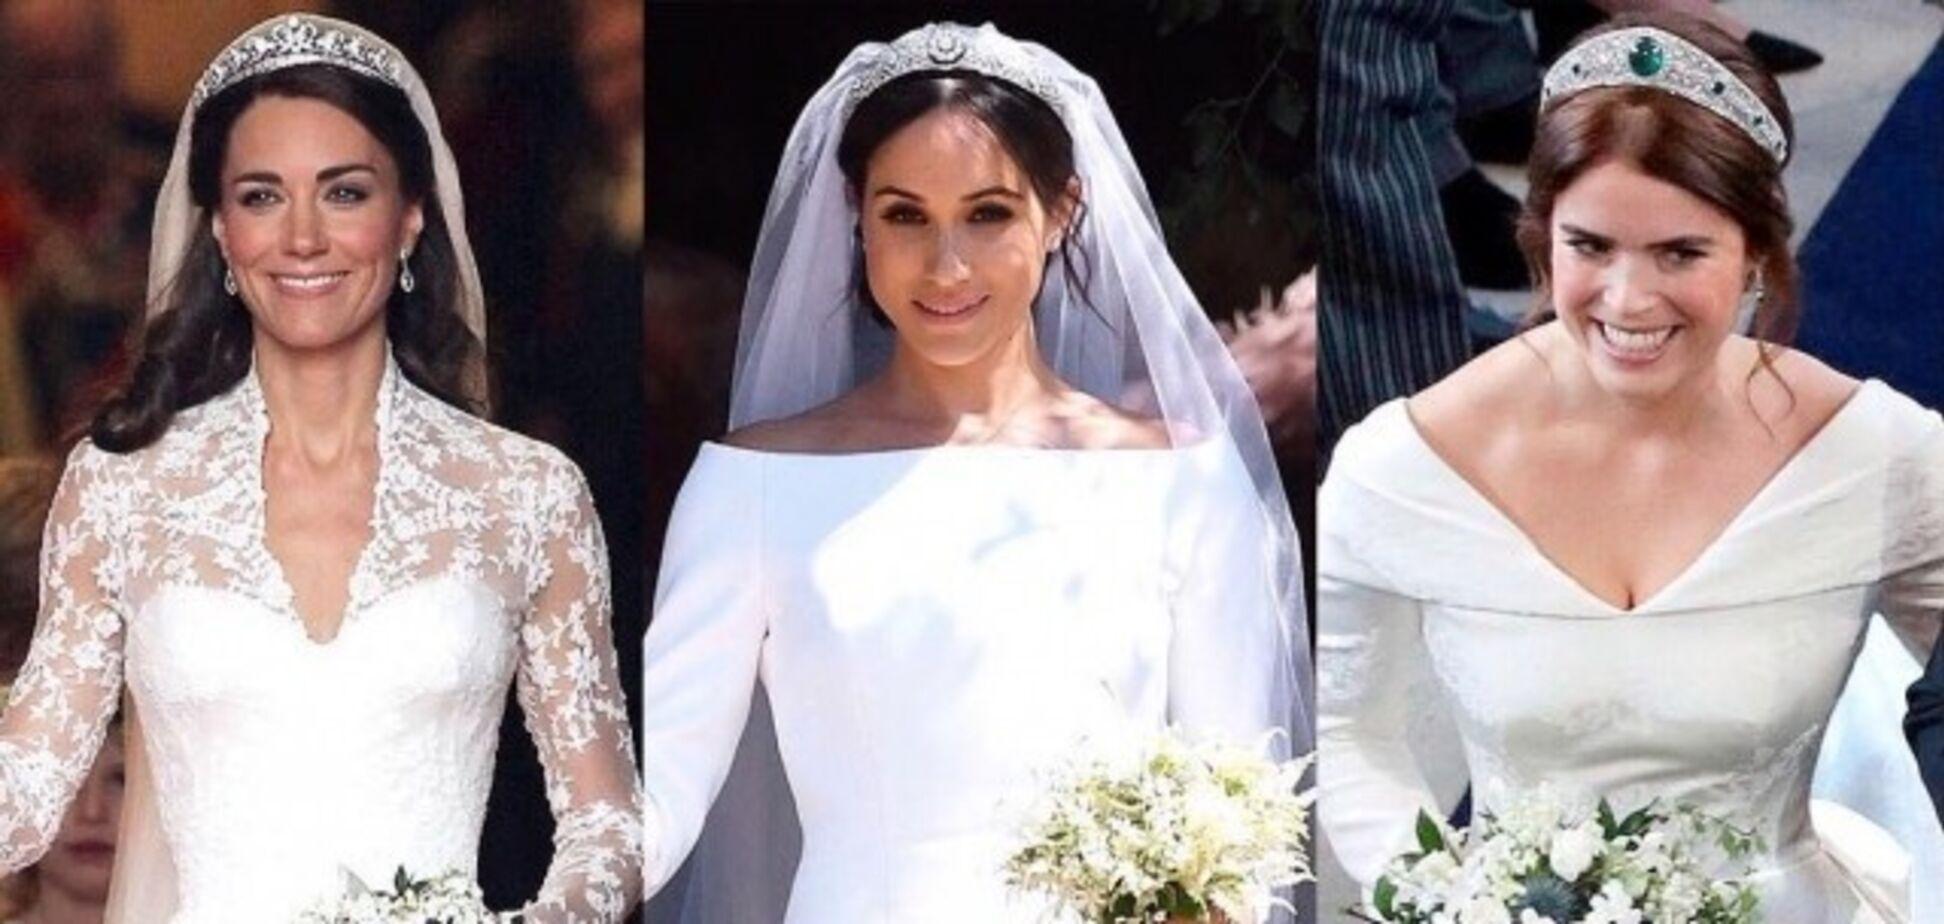 Королевские свадьбы - редкие кадры появились в Instagram